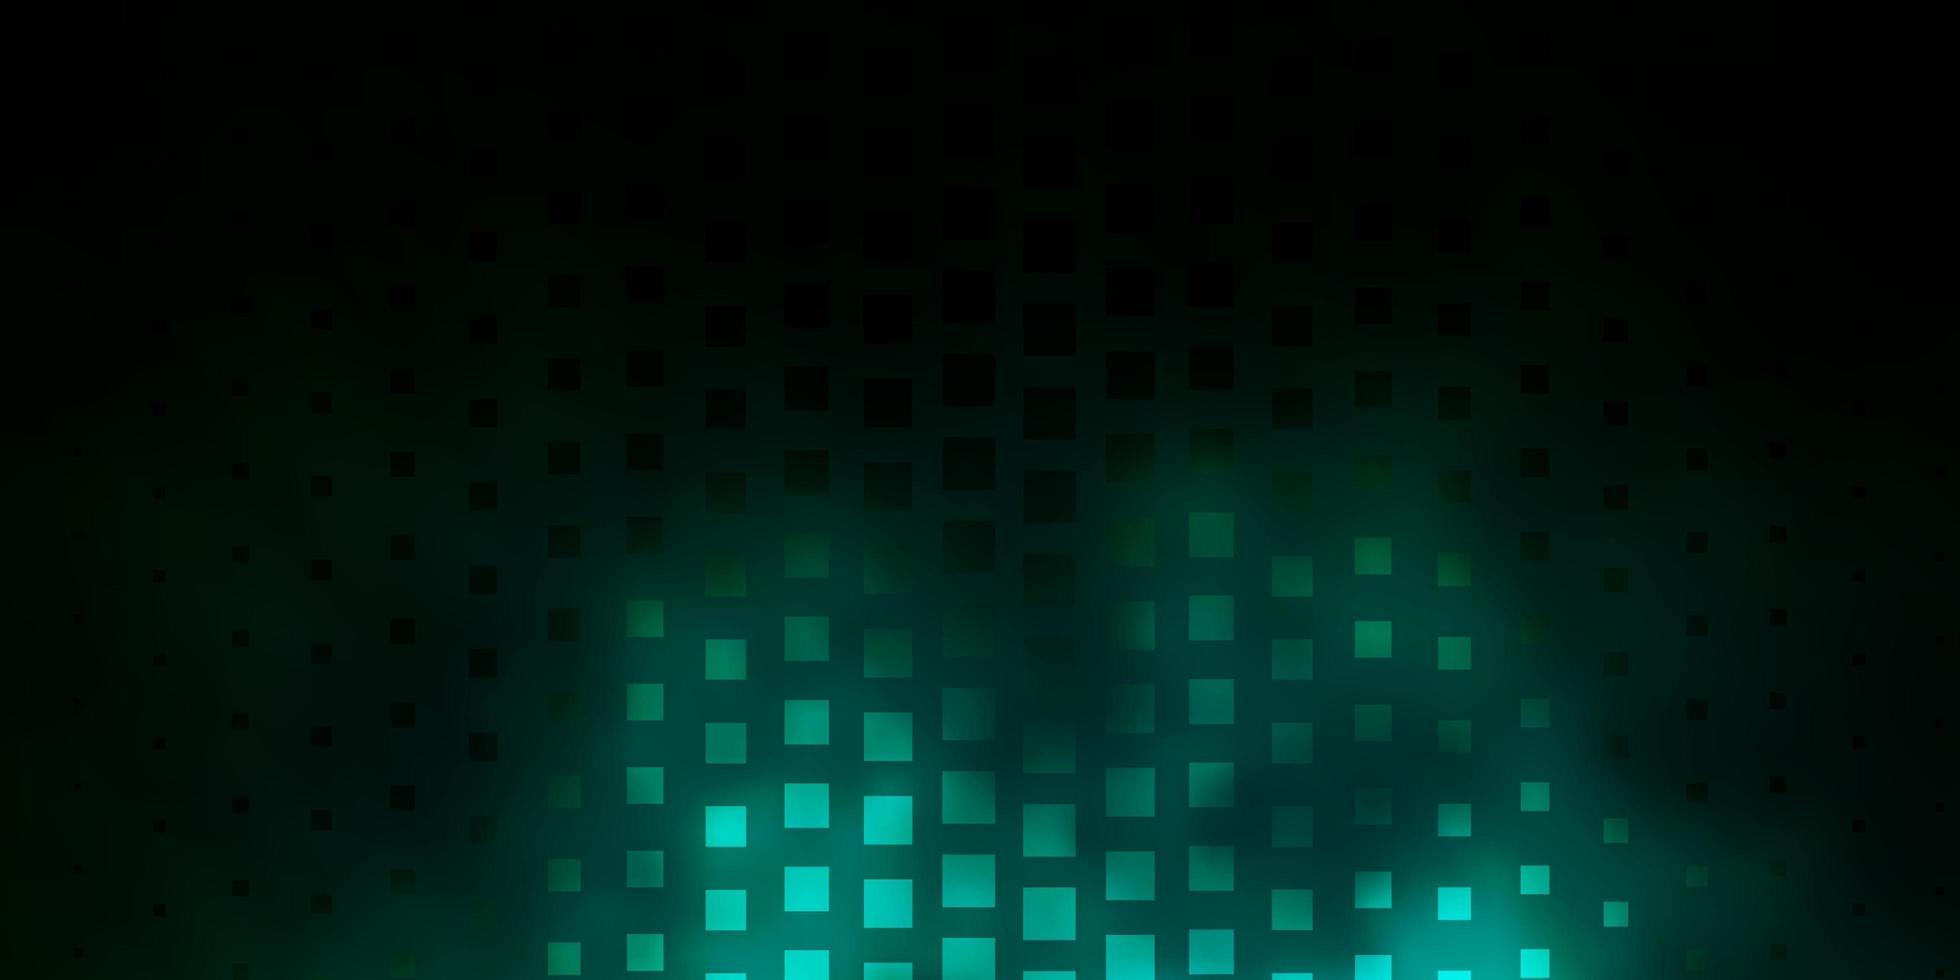 mörkgrön vektorbakgrund med rektanglar. vektor